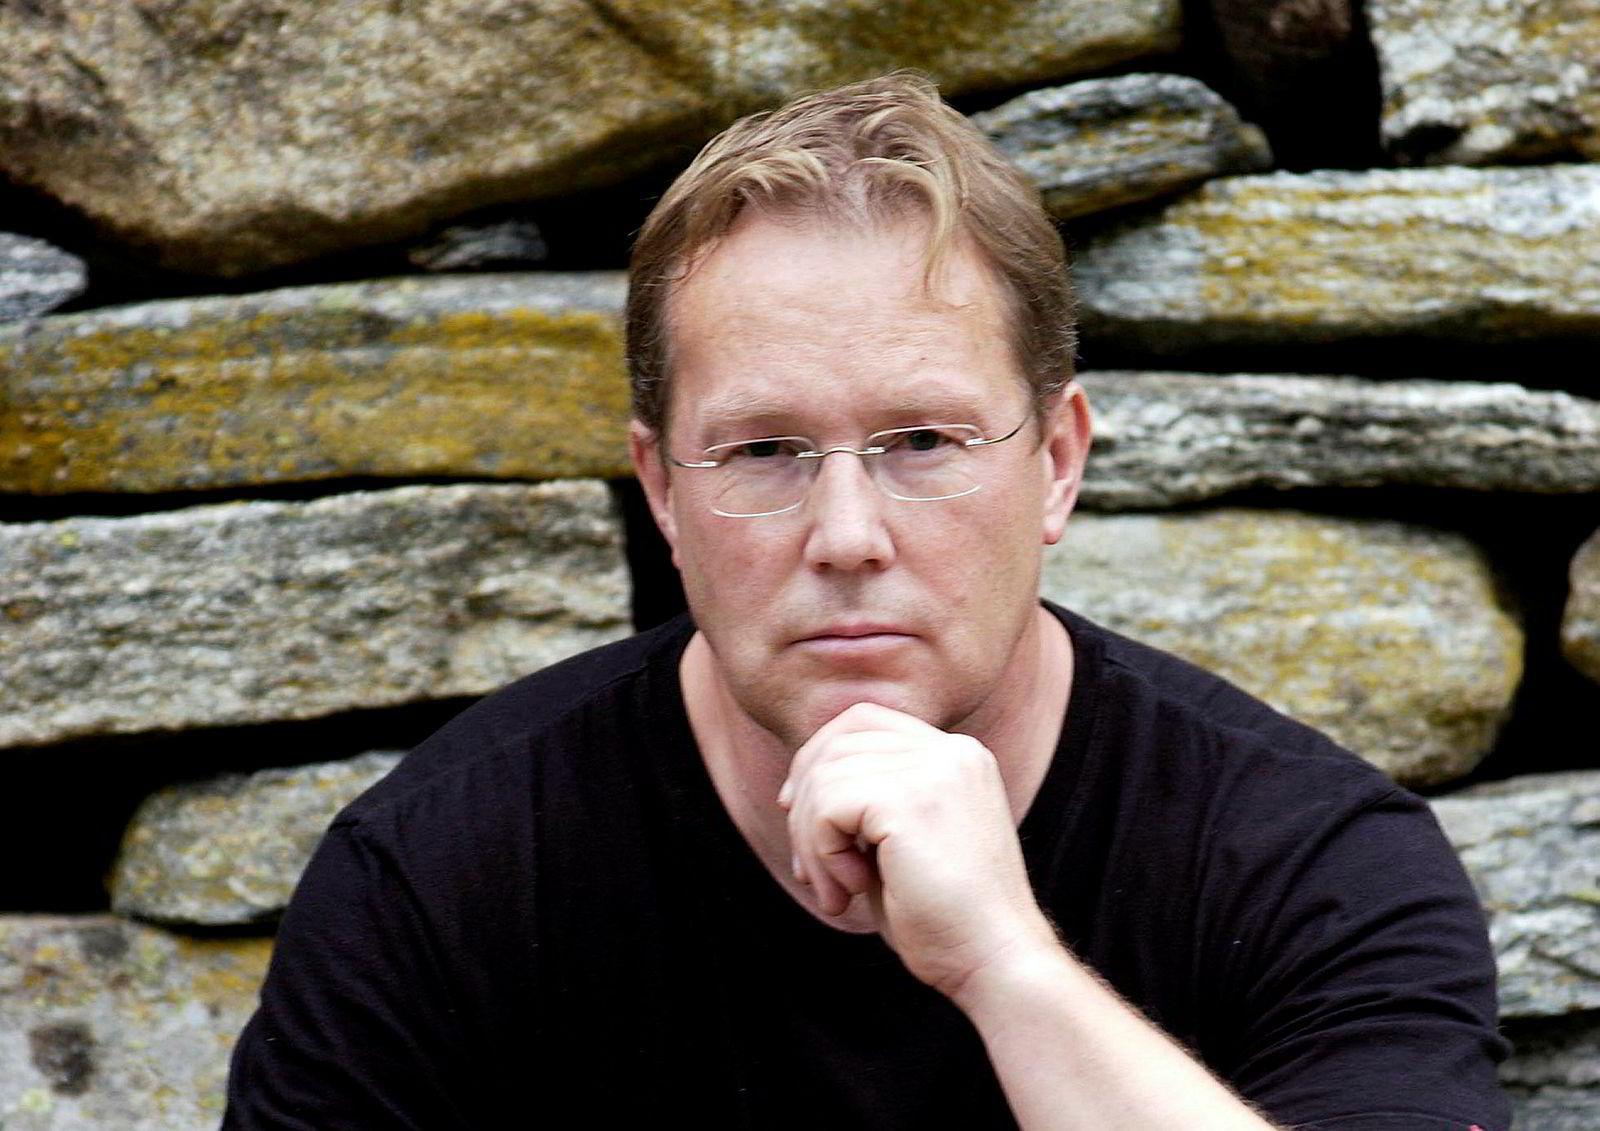 Jan Remmereit har tidligere bygget opp helsekostkonsernet Natural. De siste årene har han levd en tilbaketrukket tilværelse i Volda på Sunnmøre, mens han har vært sentral i utviklingen av flere helseprodukter.